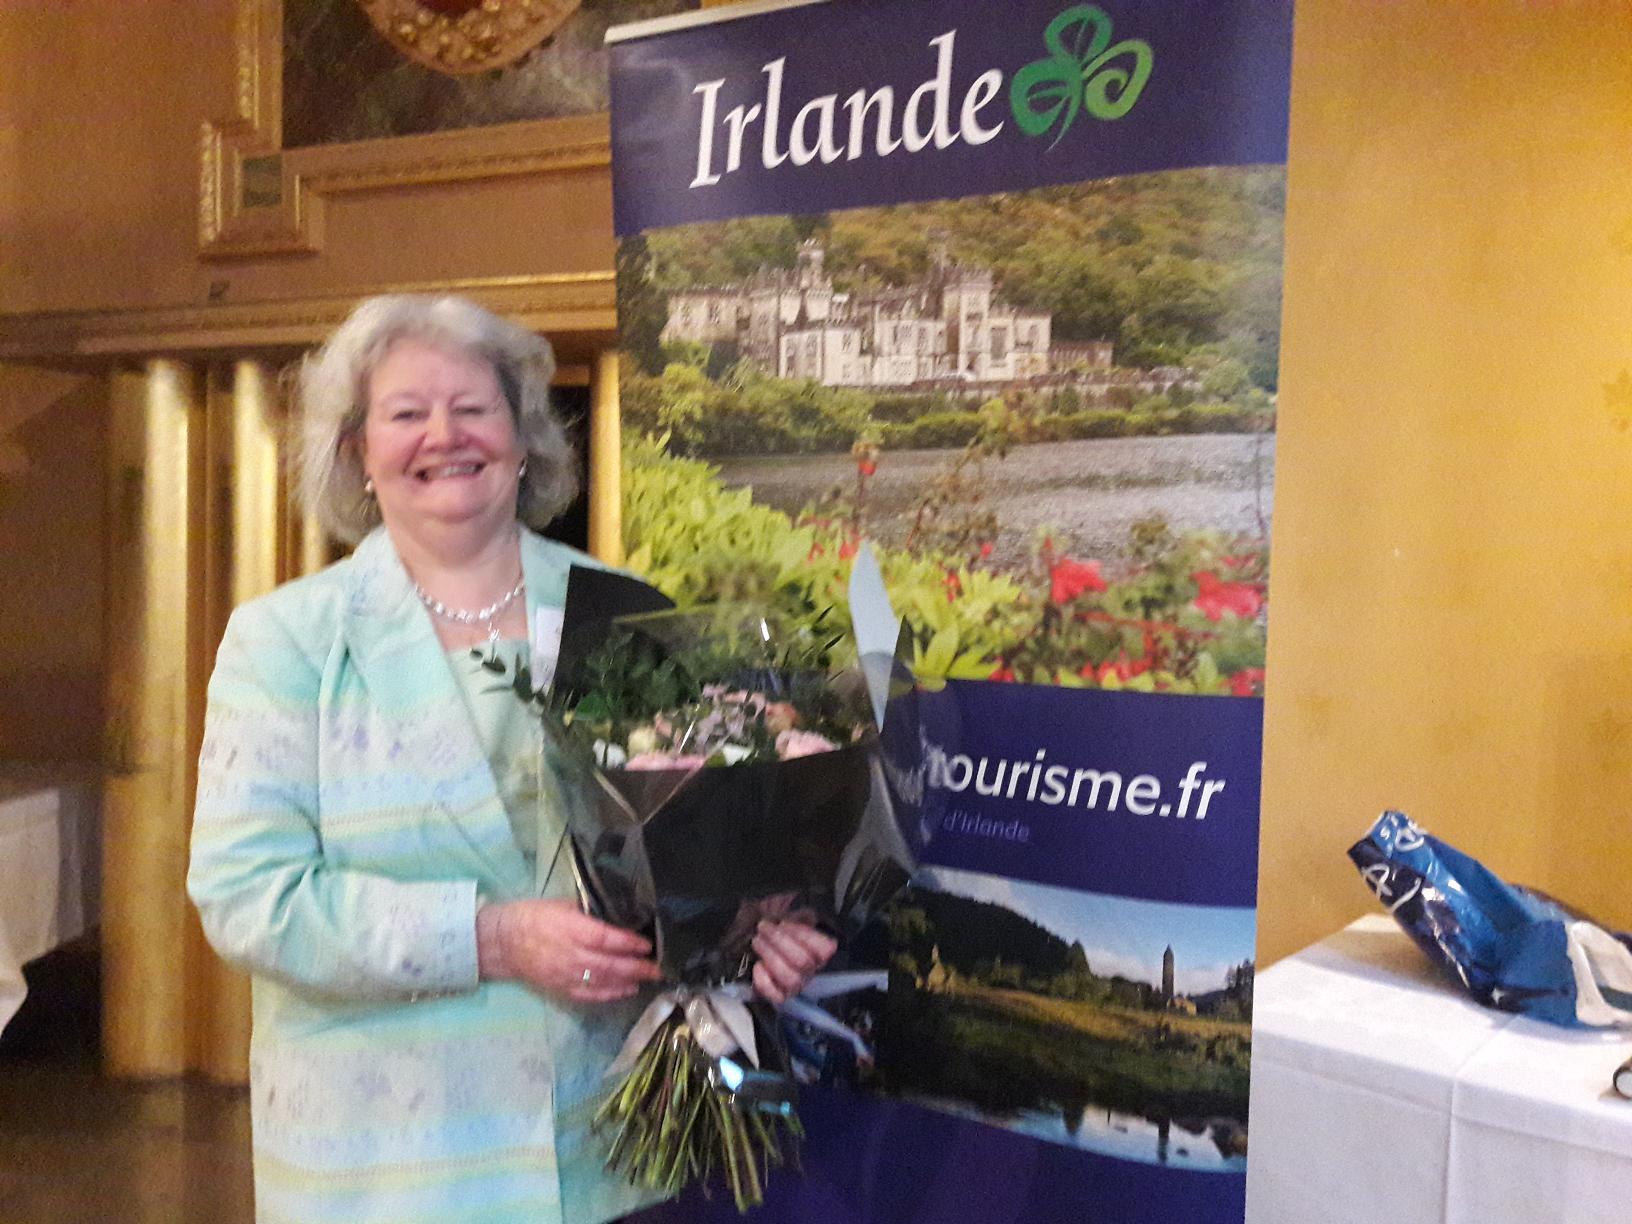 Anne Zemmour s'en va. Responsable de la communication à l'OT à Paris elle aura illustré durant  38 ans  l'accueil chaleureux et de l'hospitalité que réserve l'Irlande à ses hôtes. MS.